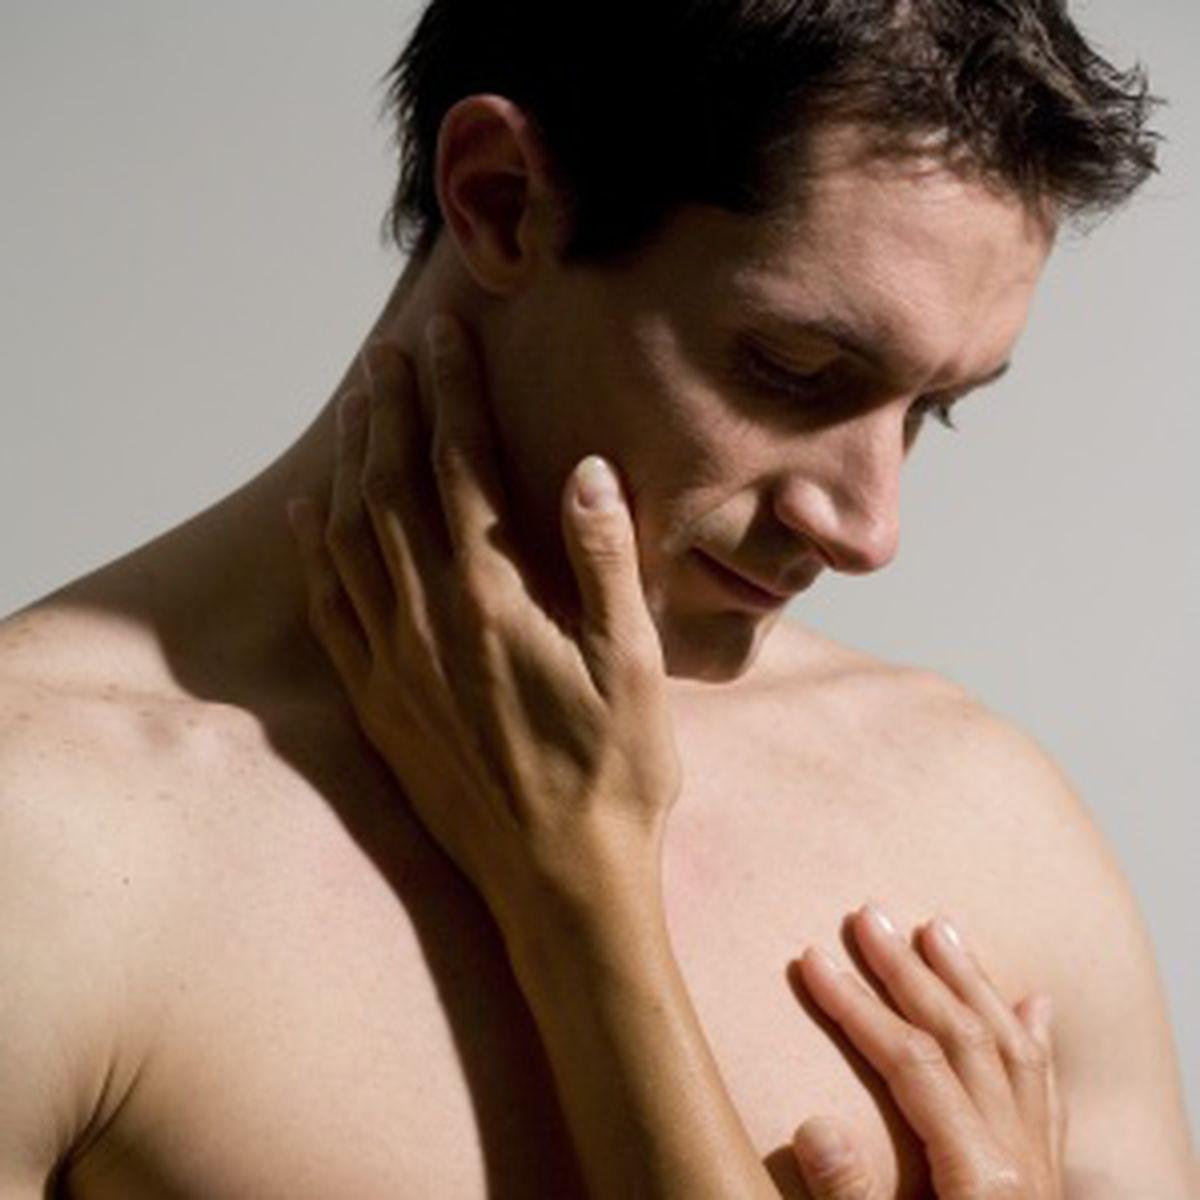 Ziua buna incepe cu o erectie buna - CSID: Ce se întâmplă Doctore?